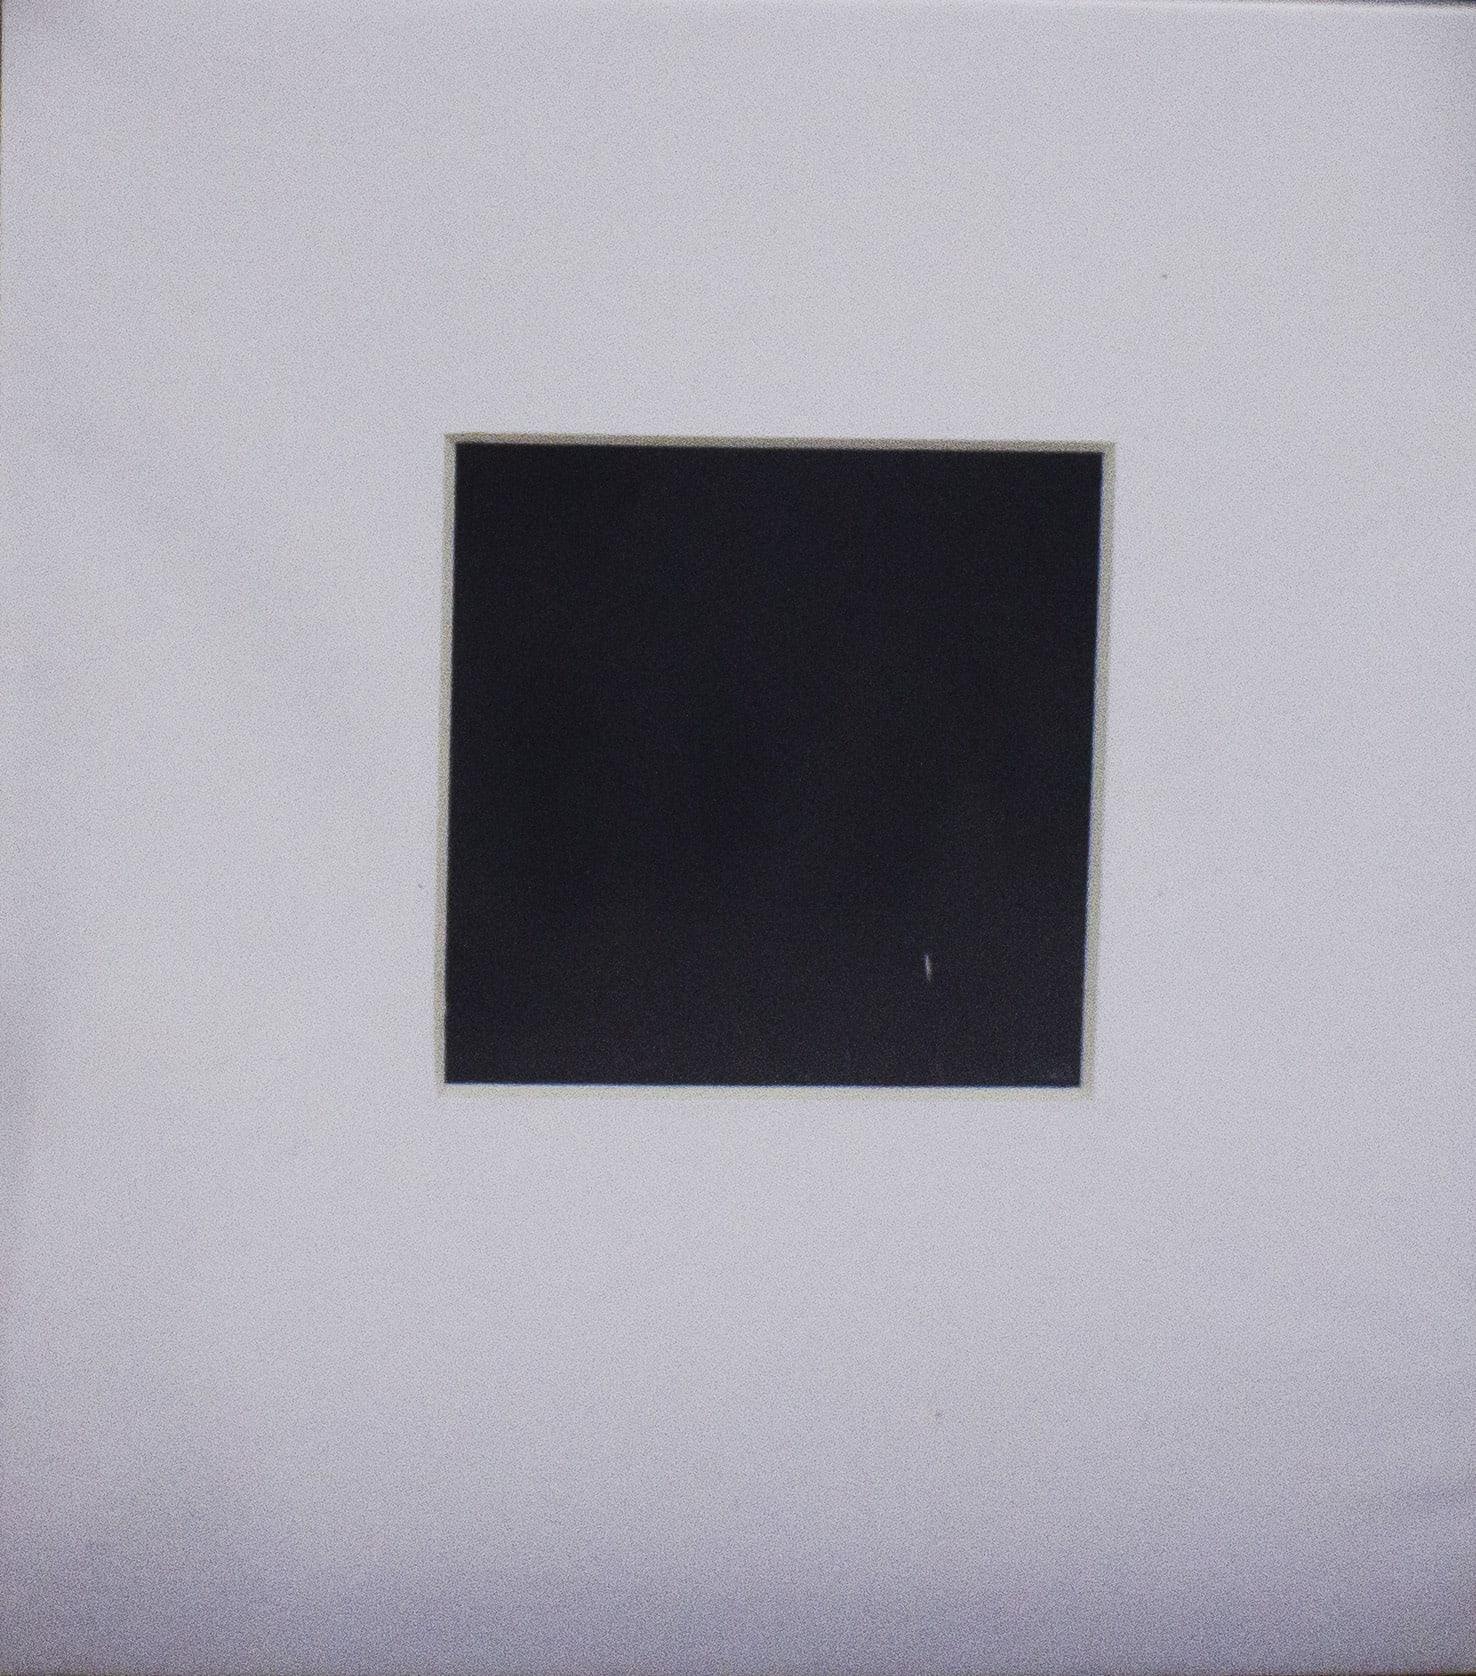 <span class=&#34;link fancybox-details-link&#34;><a href=&#34;/content/viewing-room/50/artworks2536/&#34;>View Detail Page</a></span><div class=&#34;medium&#34;>Pinhole Photograph</div> <div class=&#34;dimensions&#34;>19.5cm x 17.5cm</div>